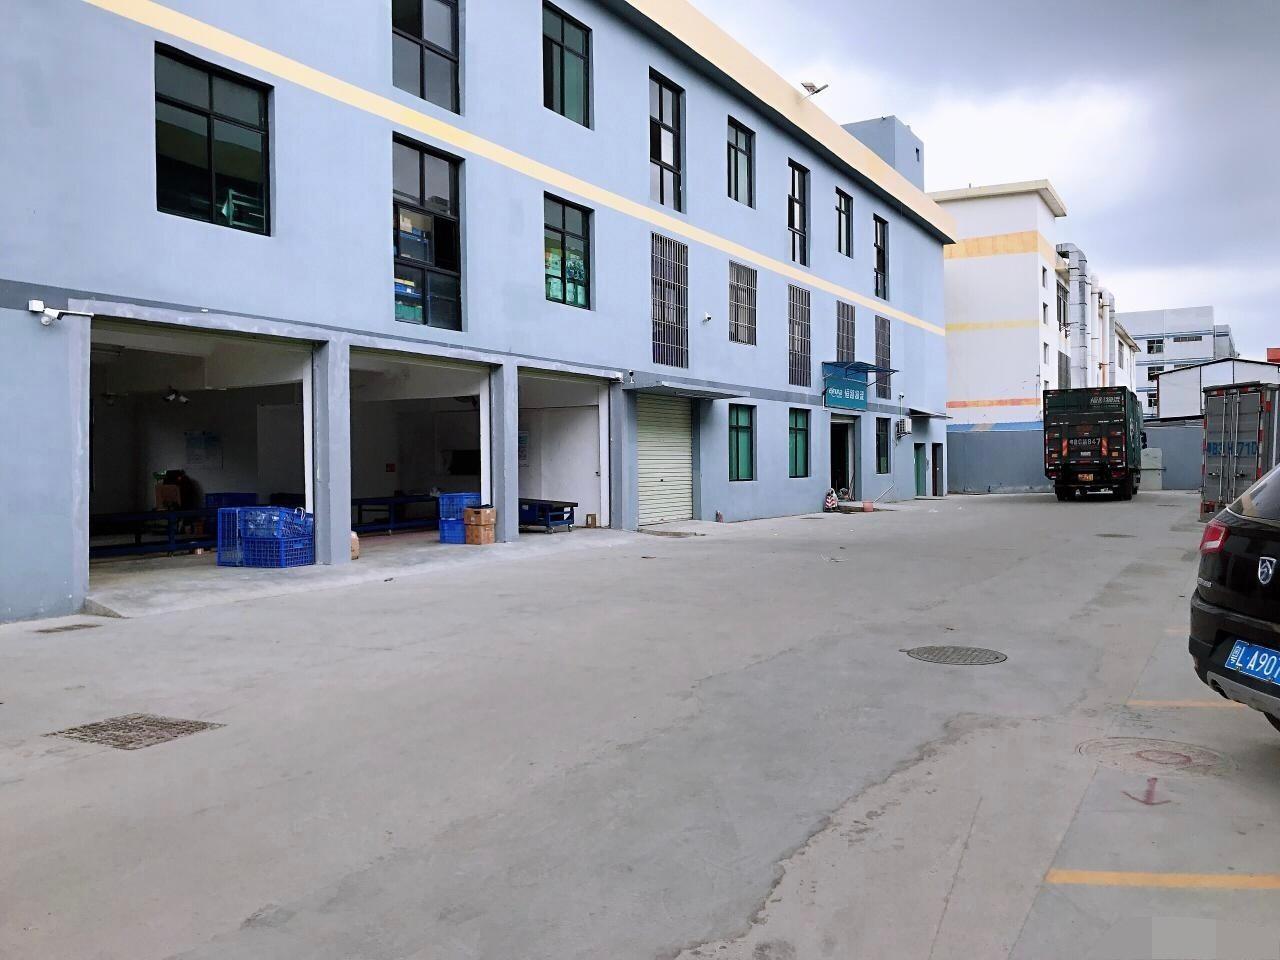 出租丨原房东!安良工业园新出825平厂房仓库出租,带装修